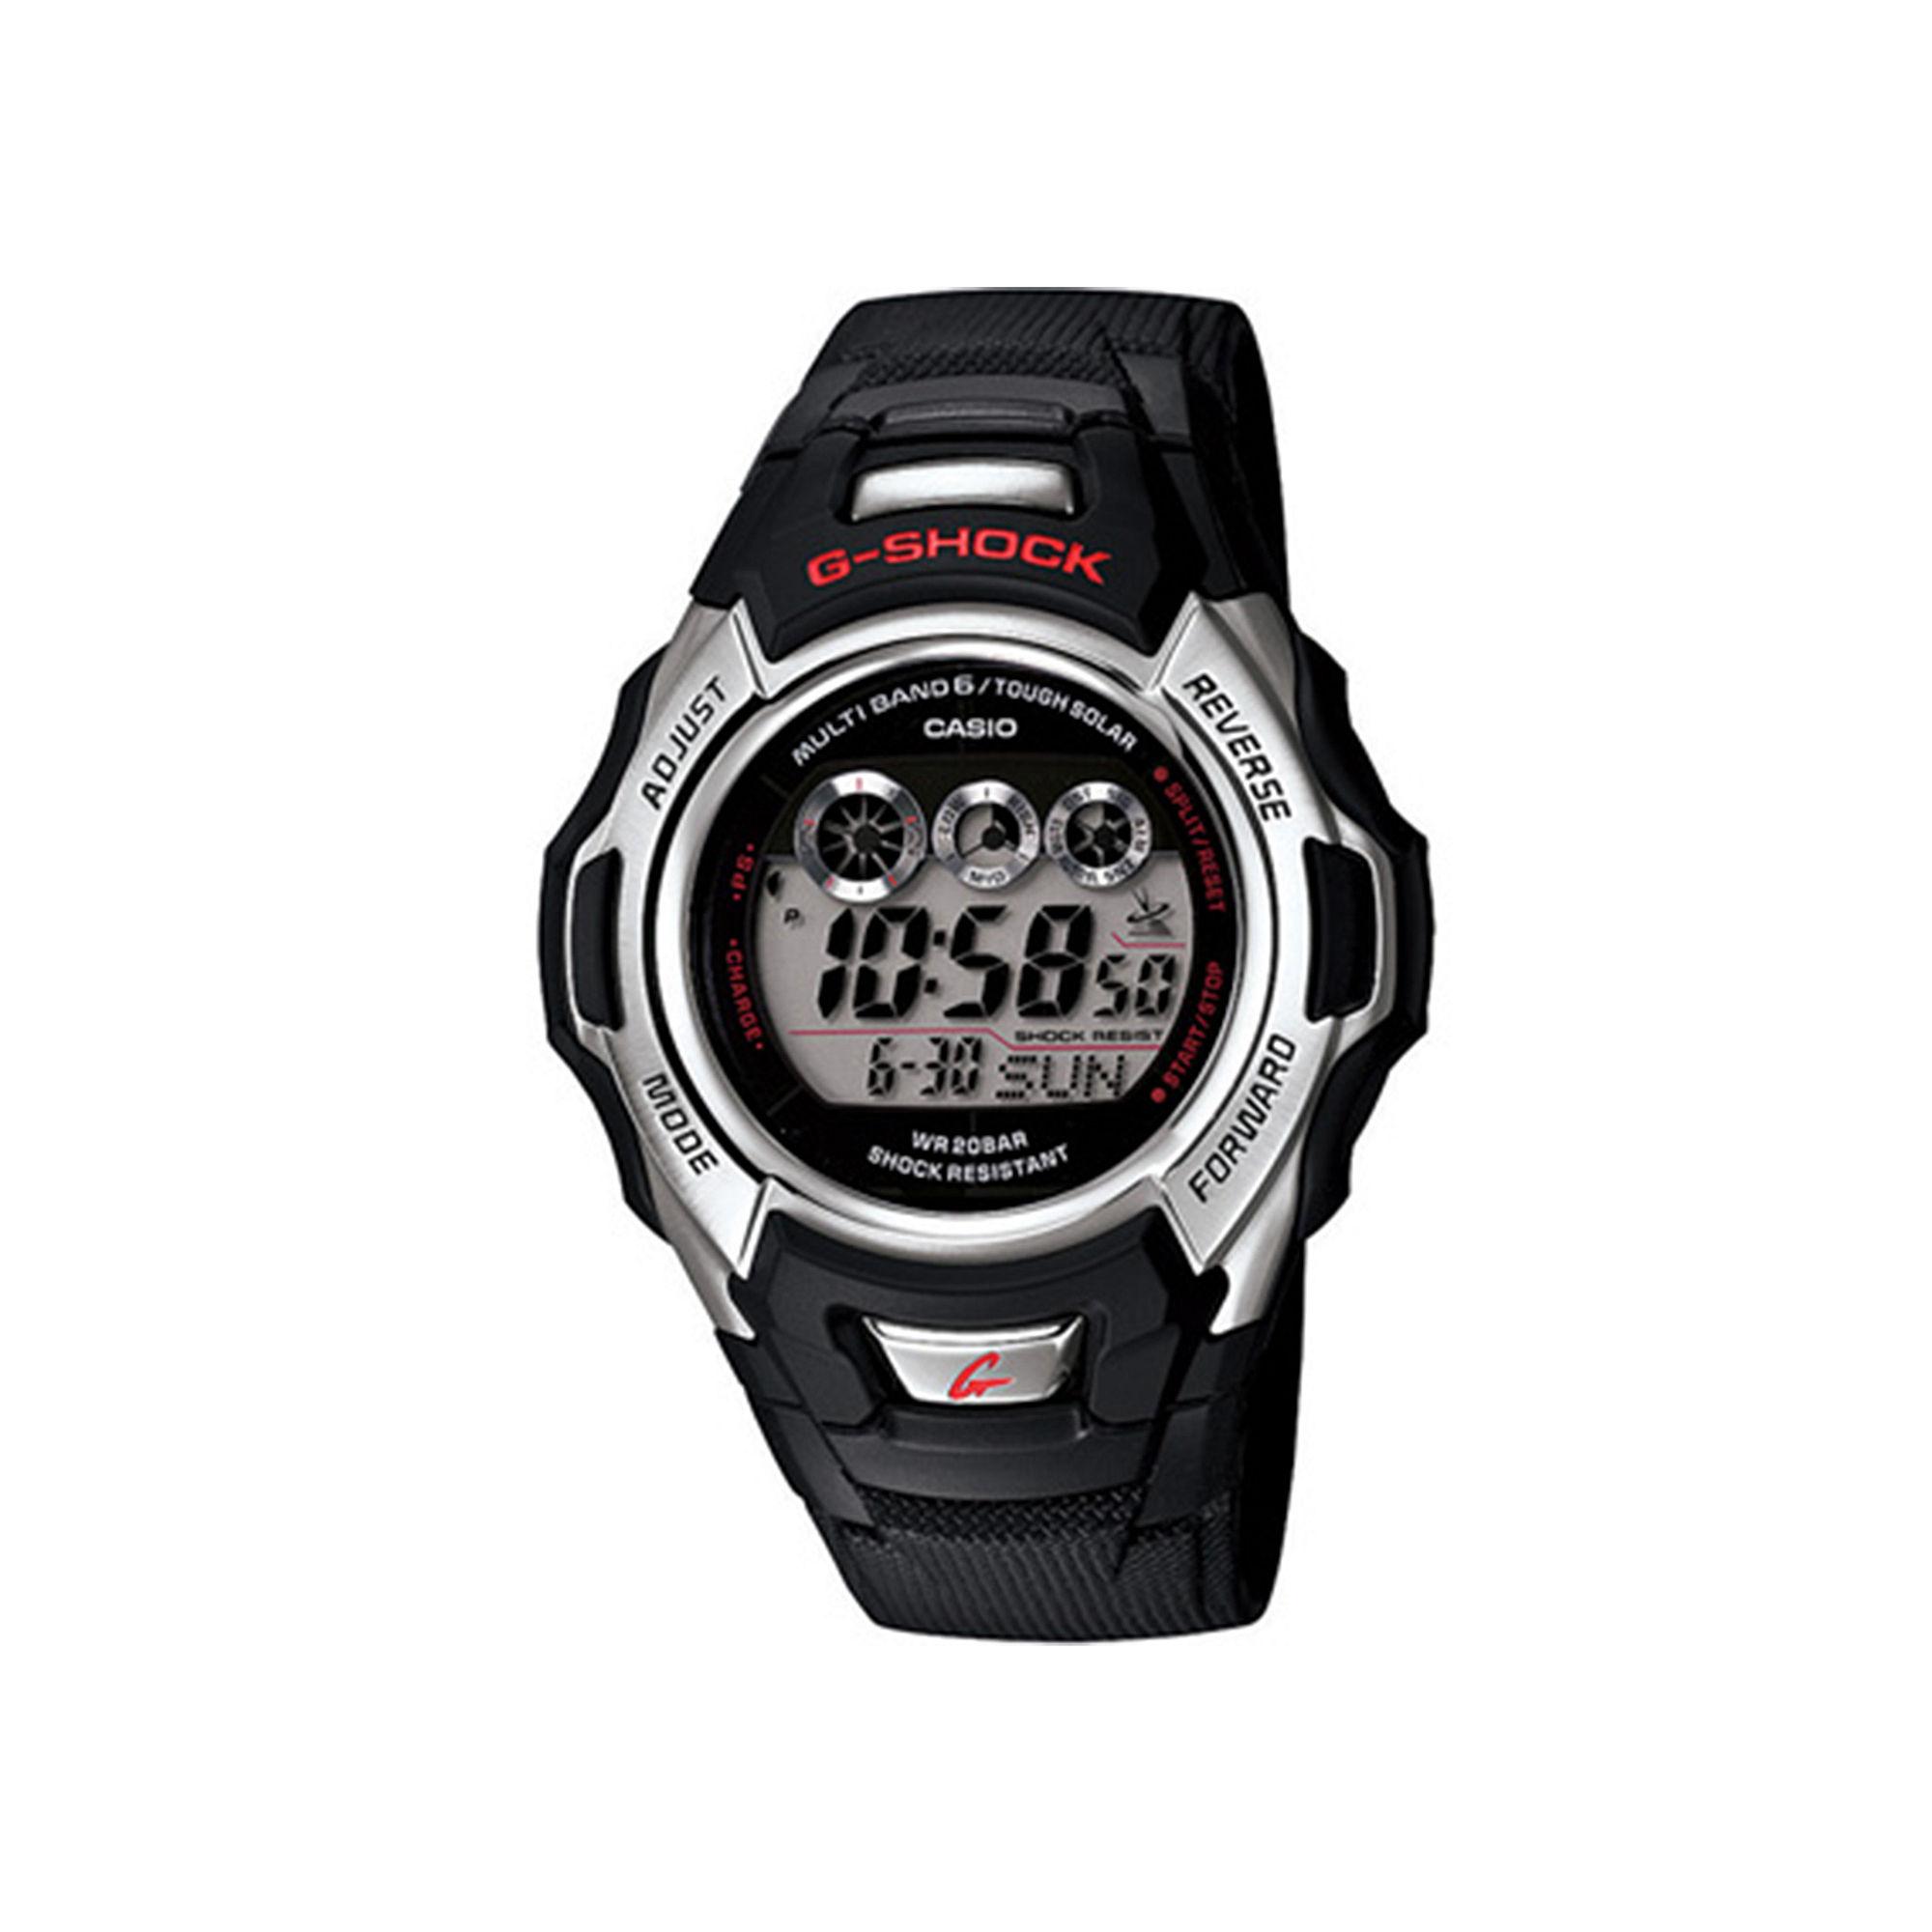 Casio G-Shock Solar Atomic Mens Digital Sport Watch GWM500A-1